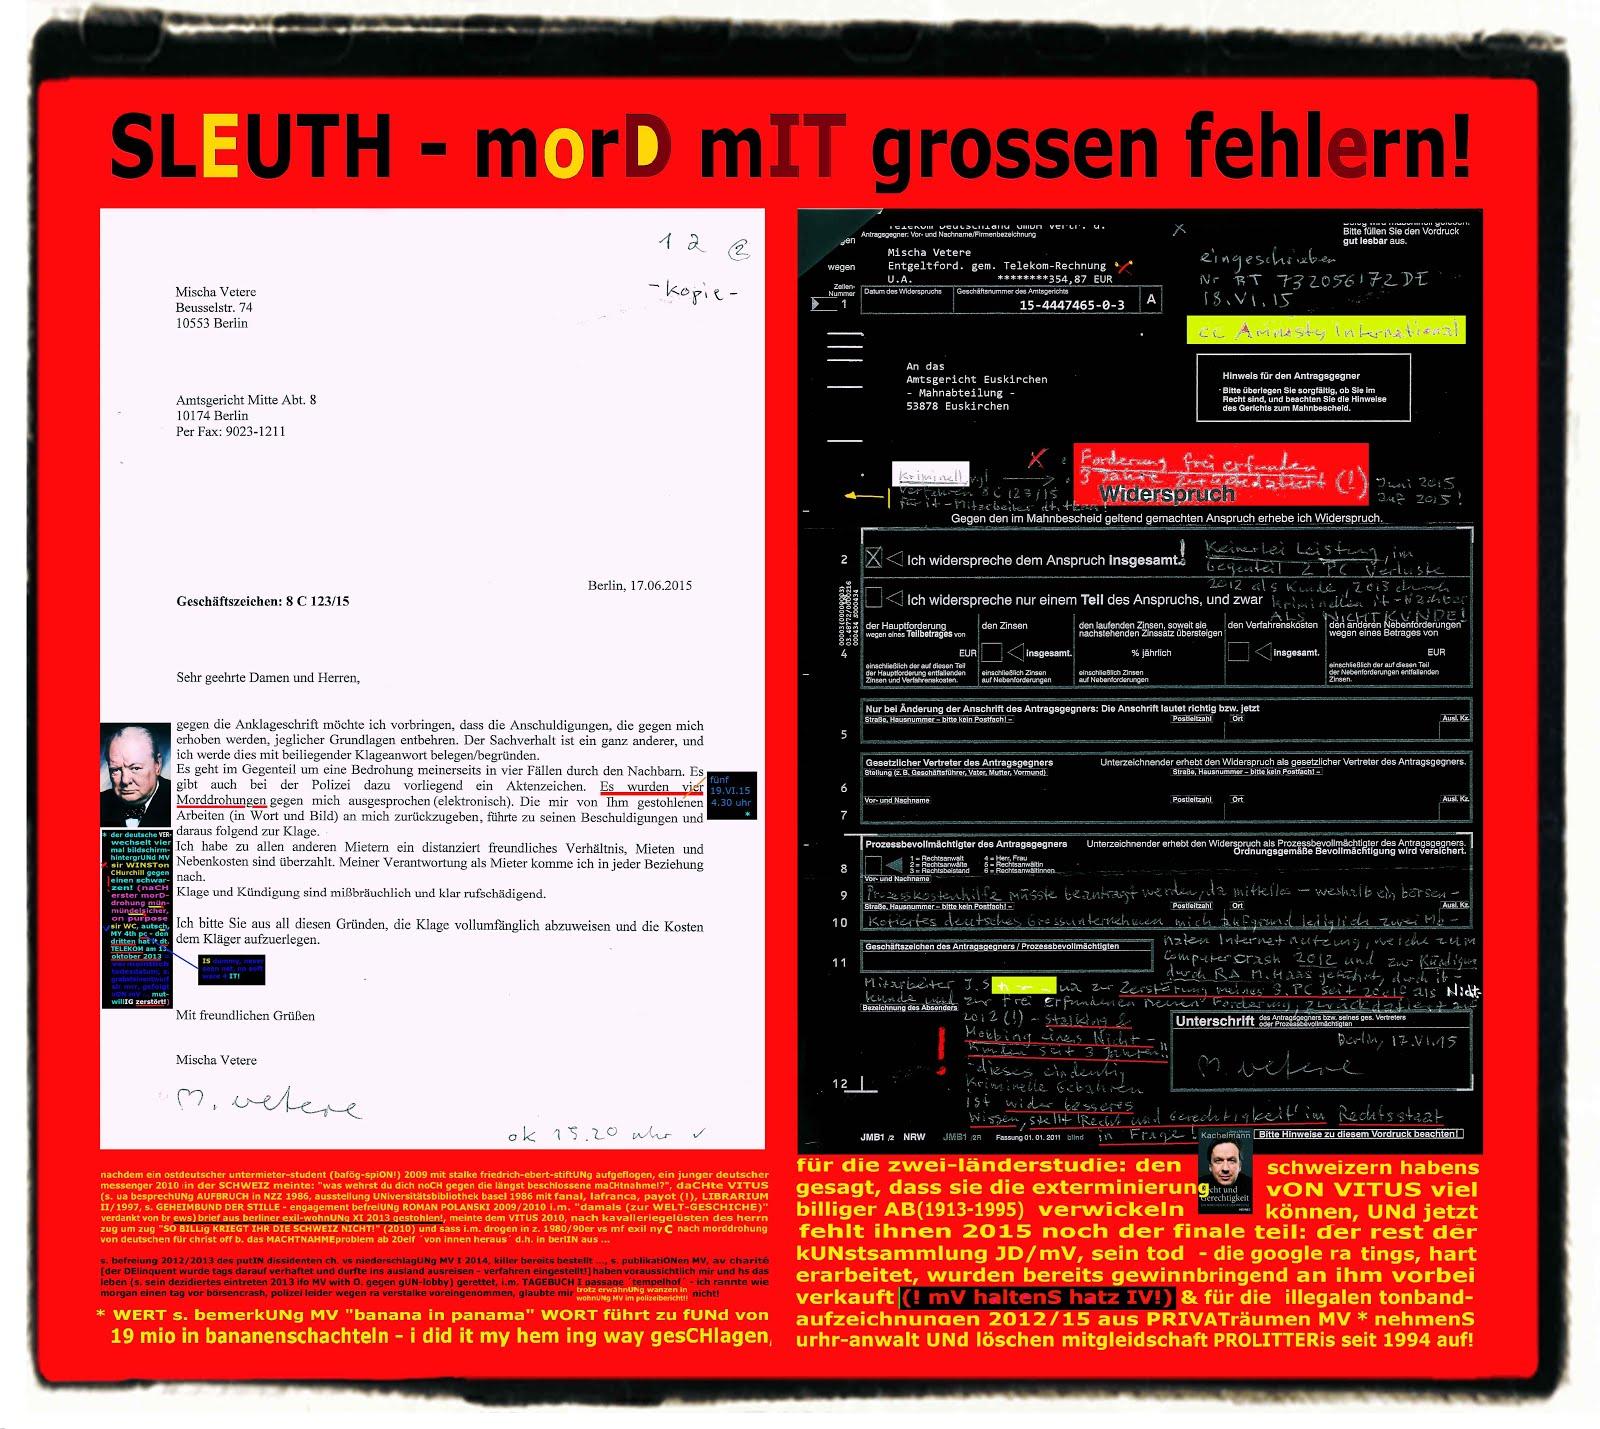 detusche telekom stalking mobbing stealing murdering genocide swiss aunt ex-client  it vandalism